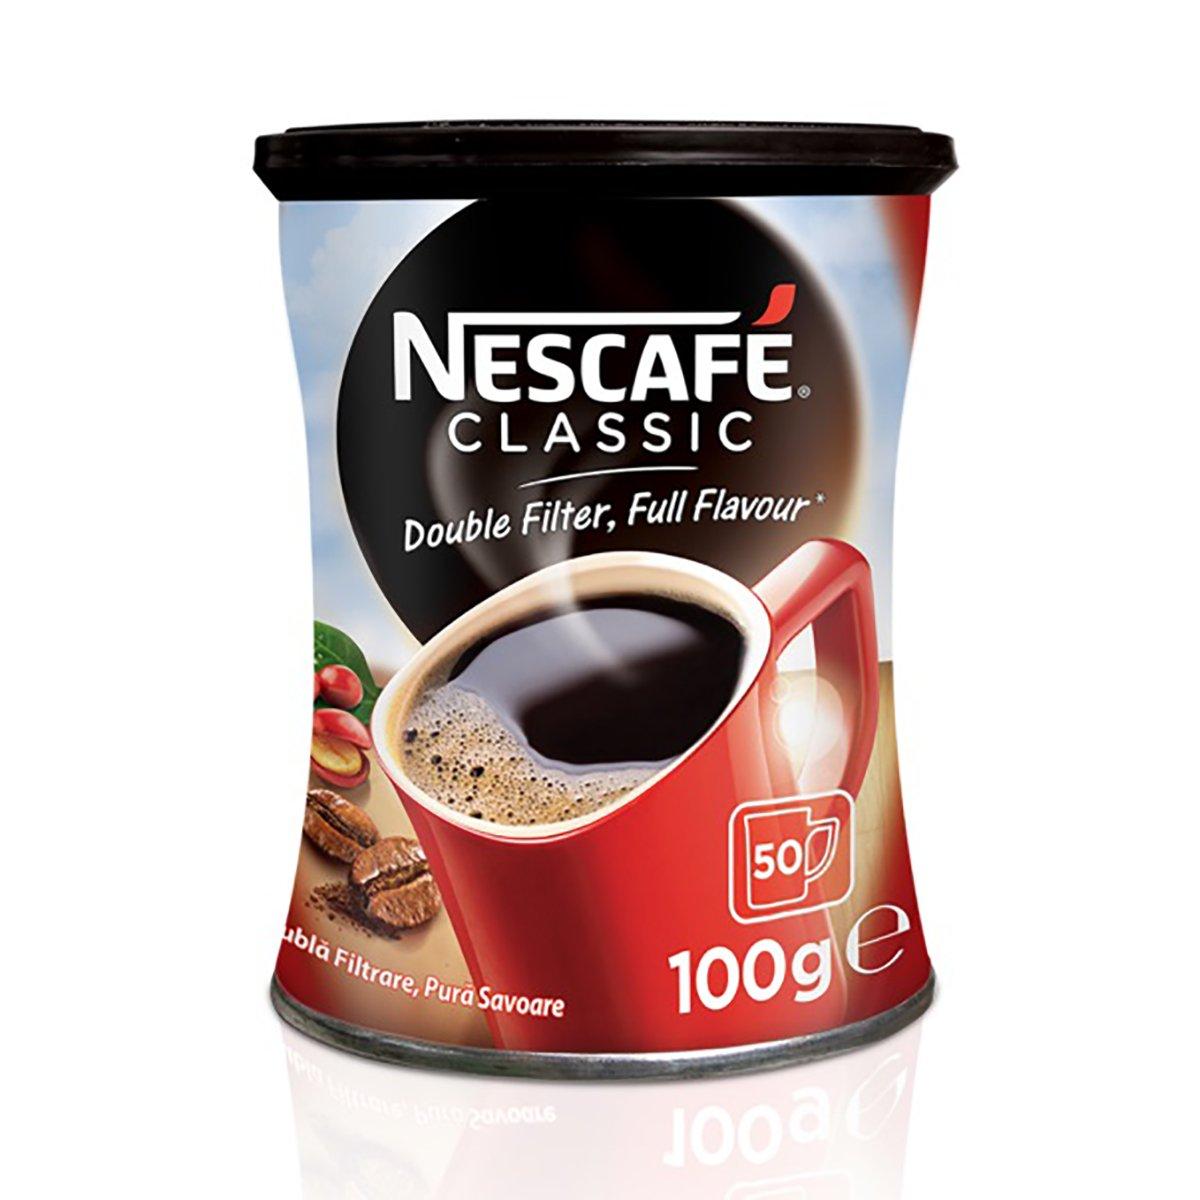 Cafea instant Nescafe Classic, 100 g imagine